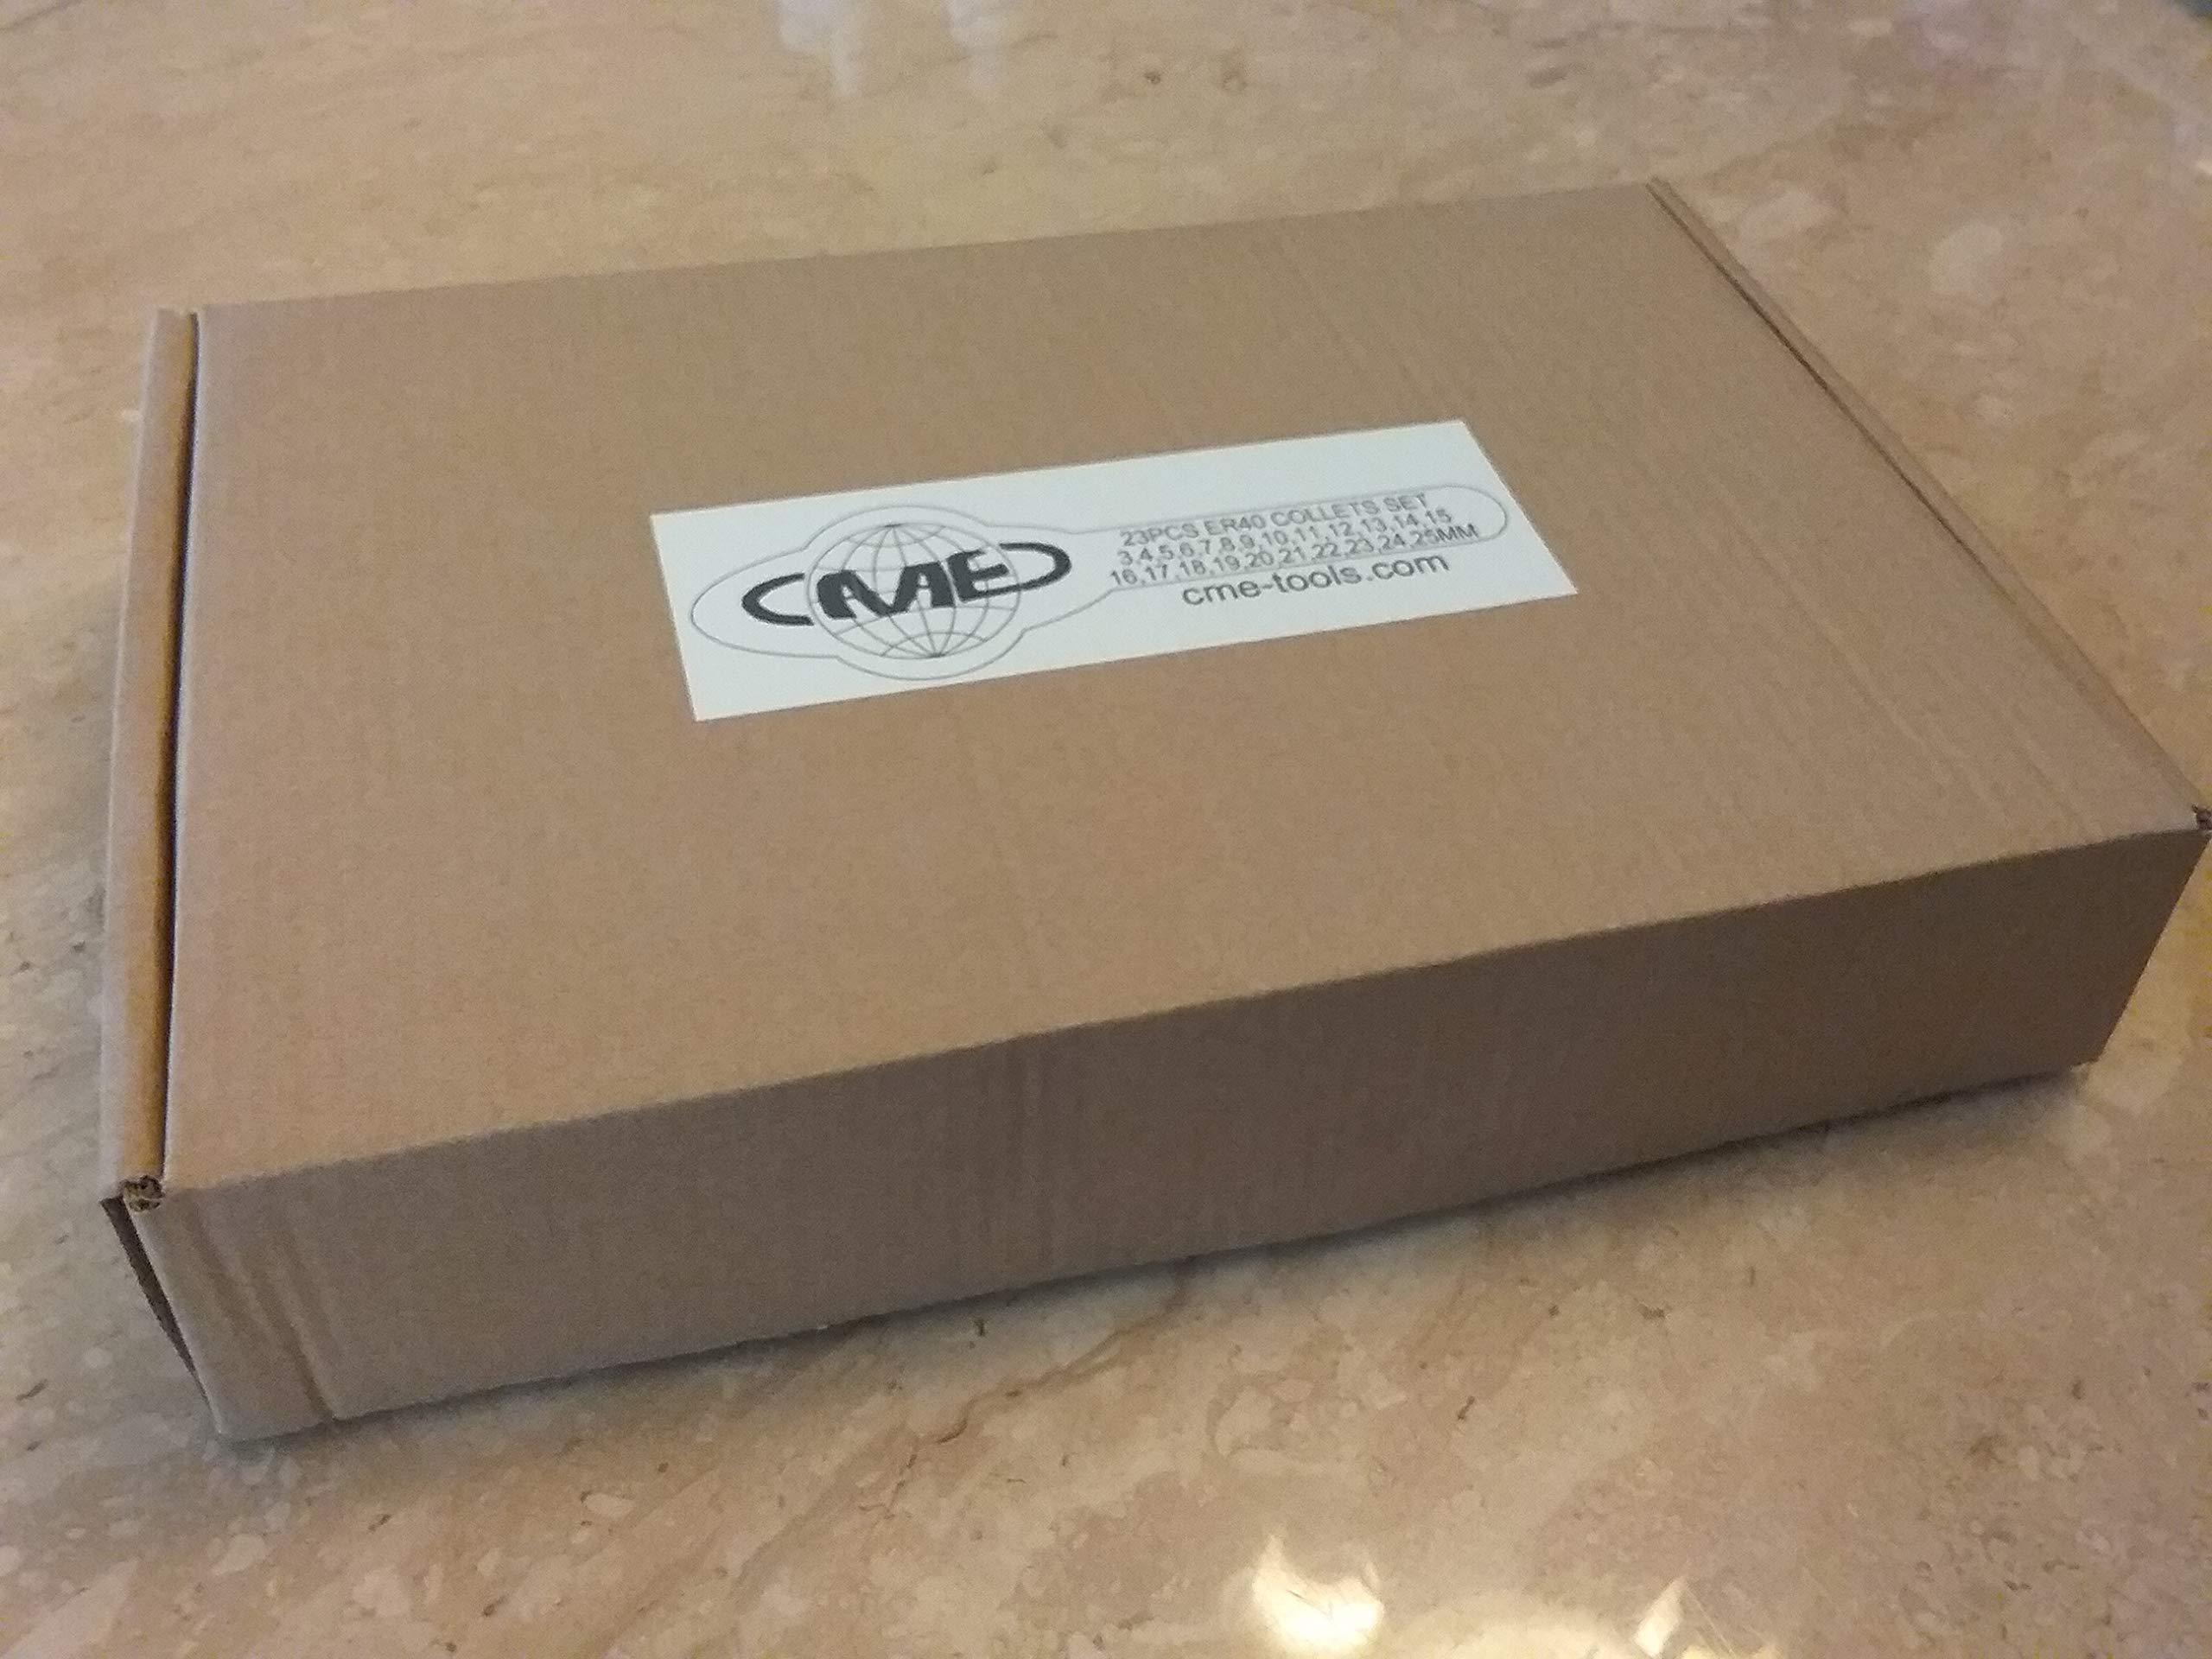 23pcs ER40 Metric Collet Set, collets 4mm - 26mm, 0.008mm TIR #ER40-SET23M-NEW by CME (Image #3)